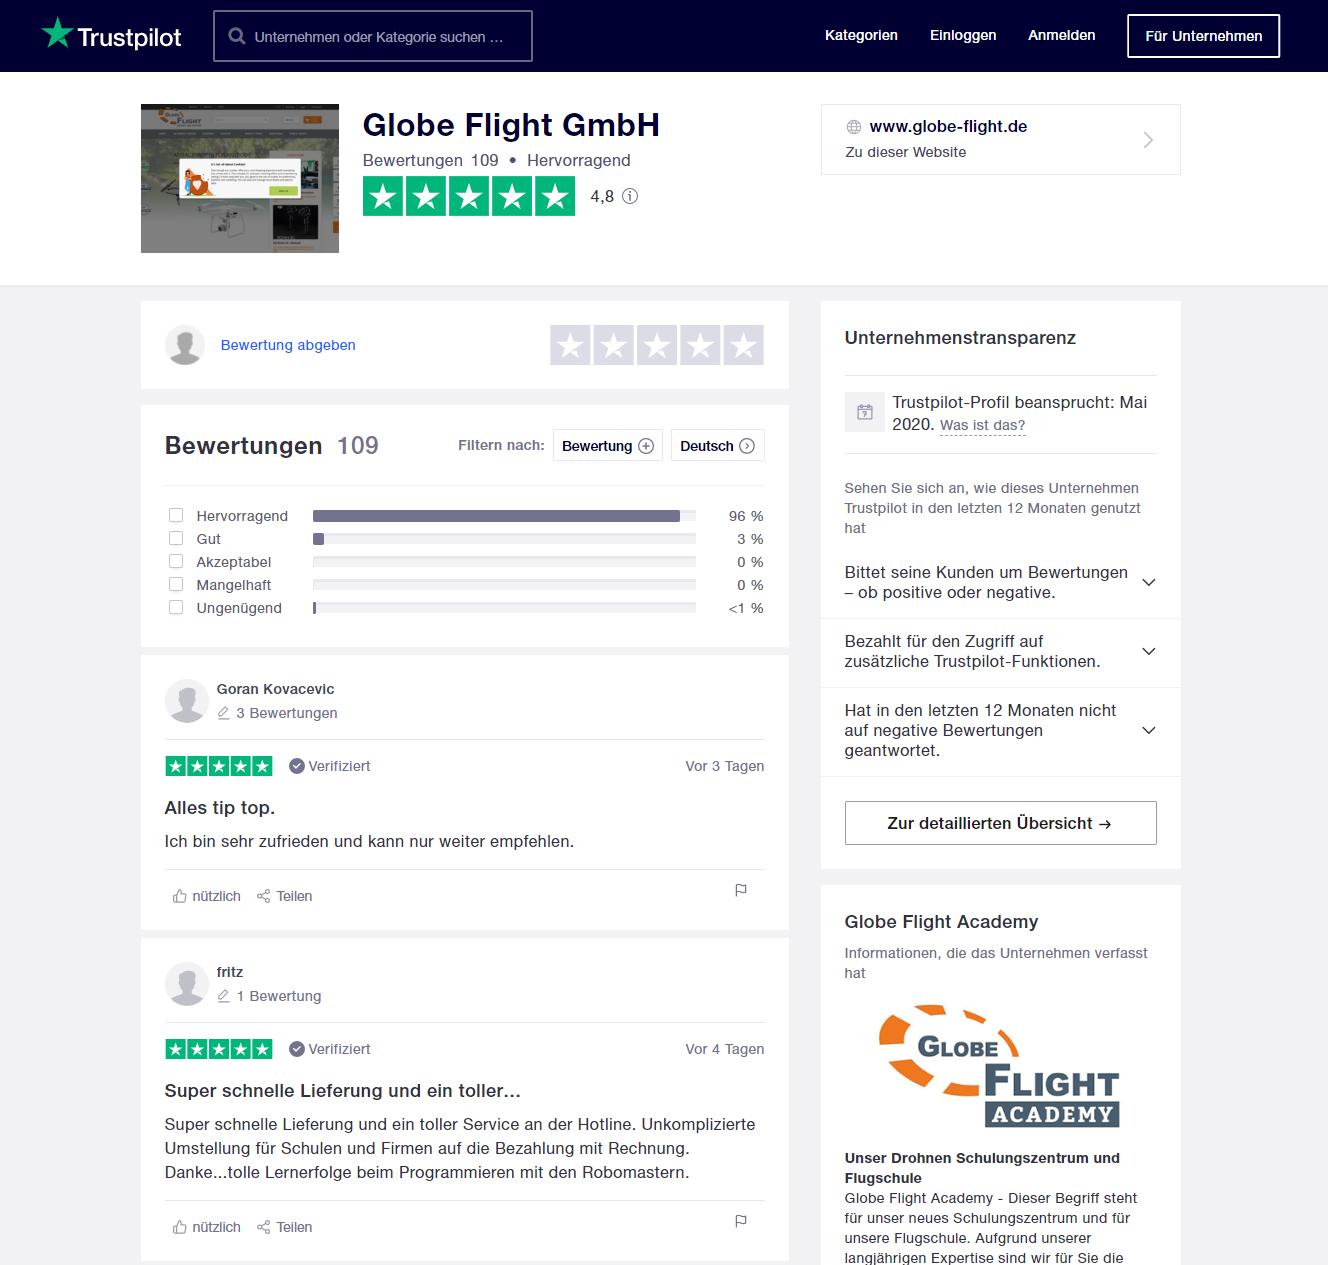 Trustpilot-Profil der Globe Flight GmbH